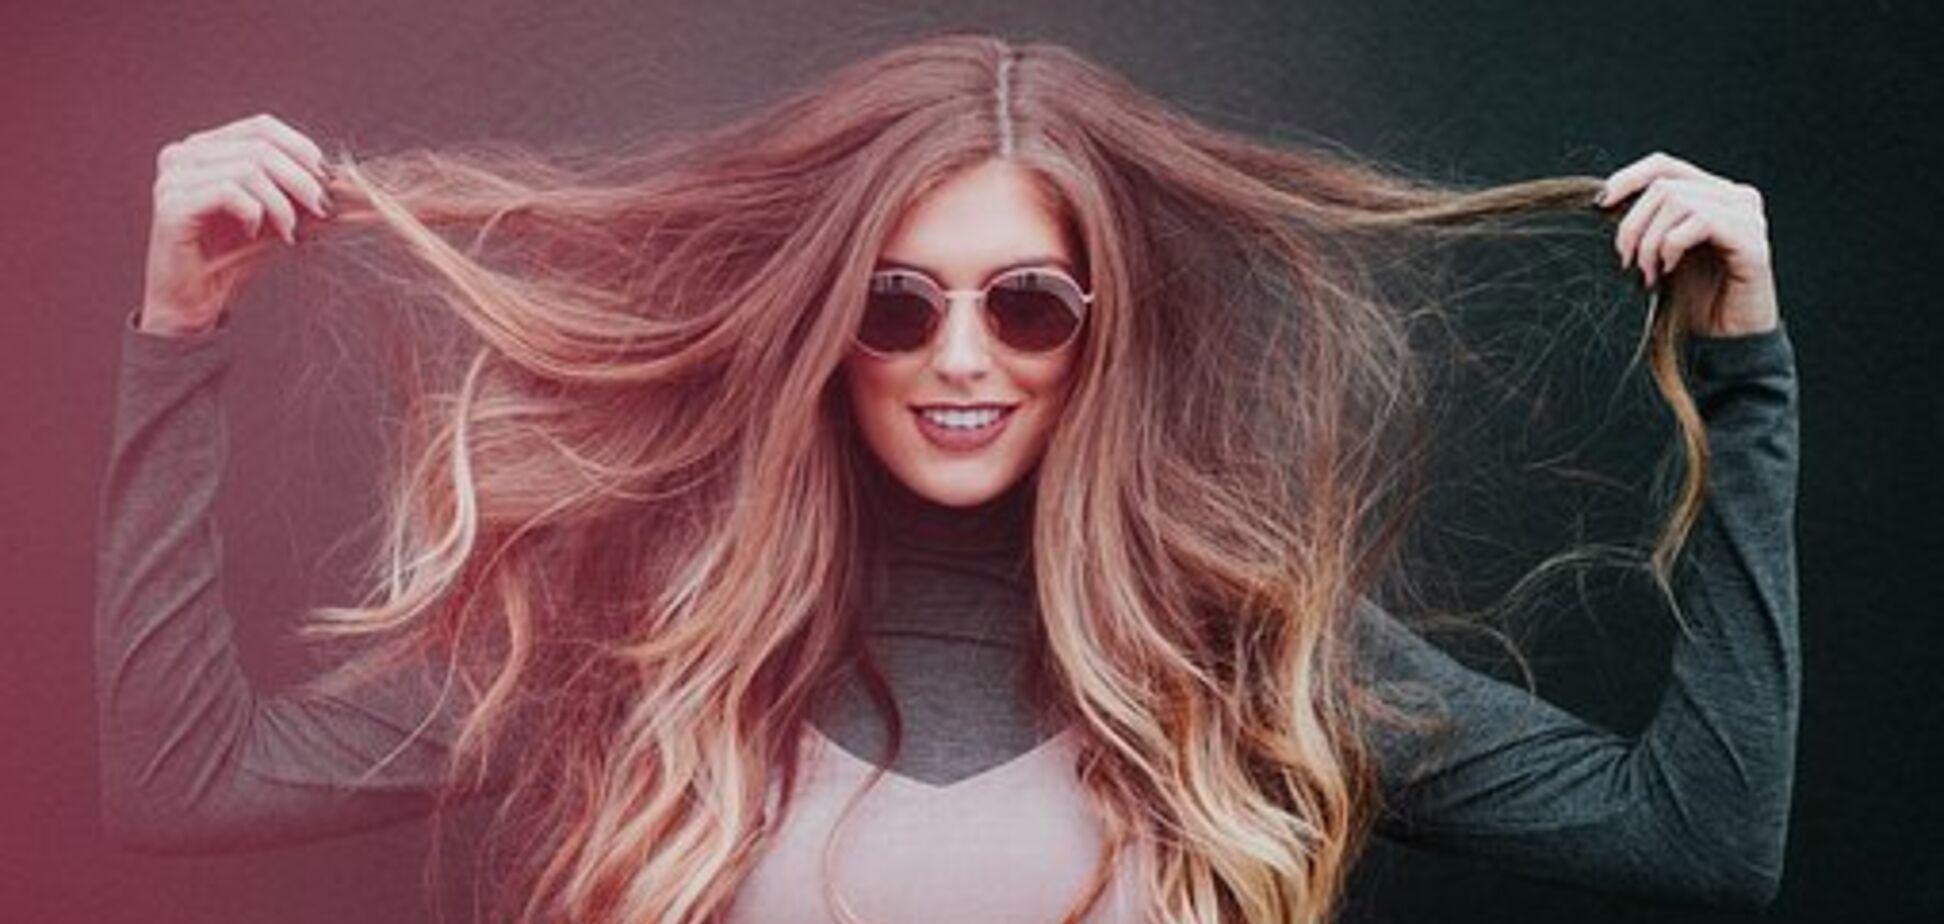 Як зупинити випадіння волосся: названі дієві продукти